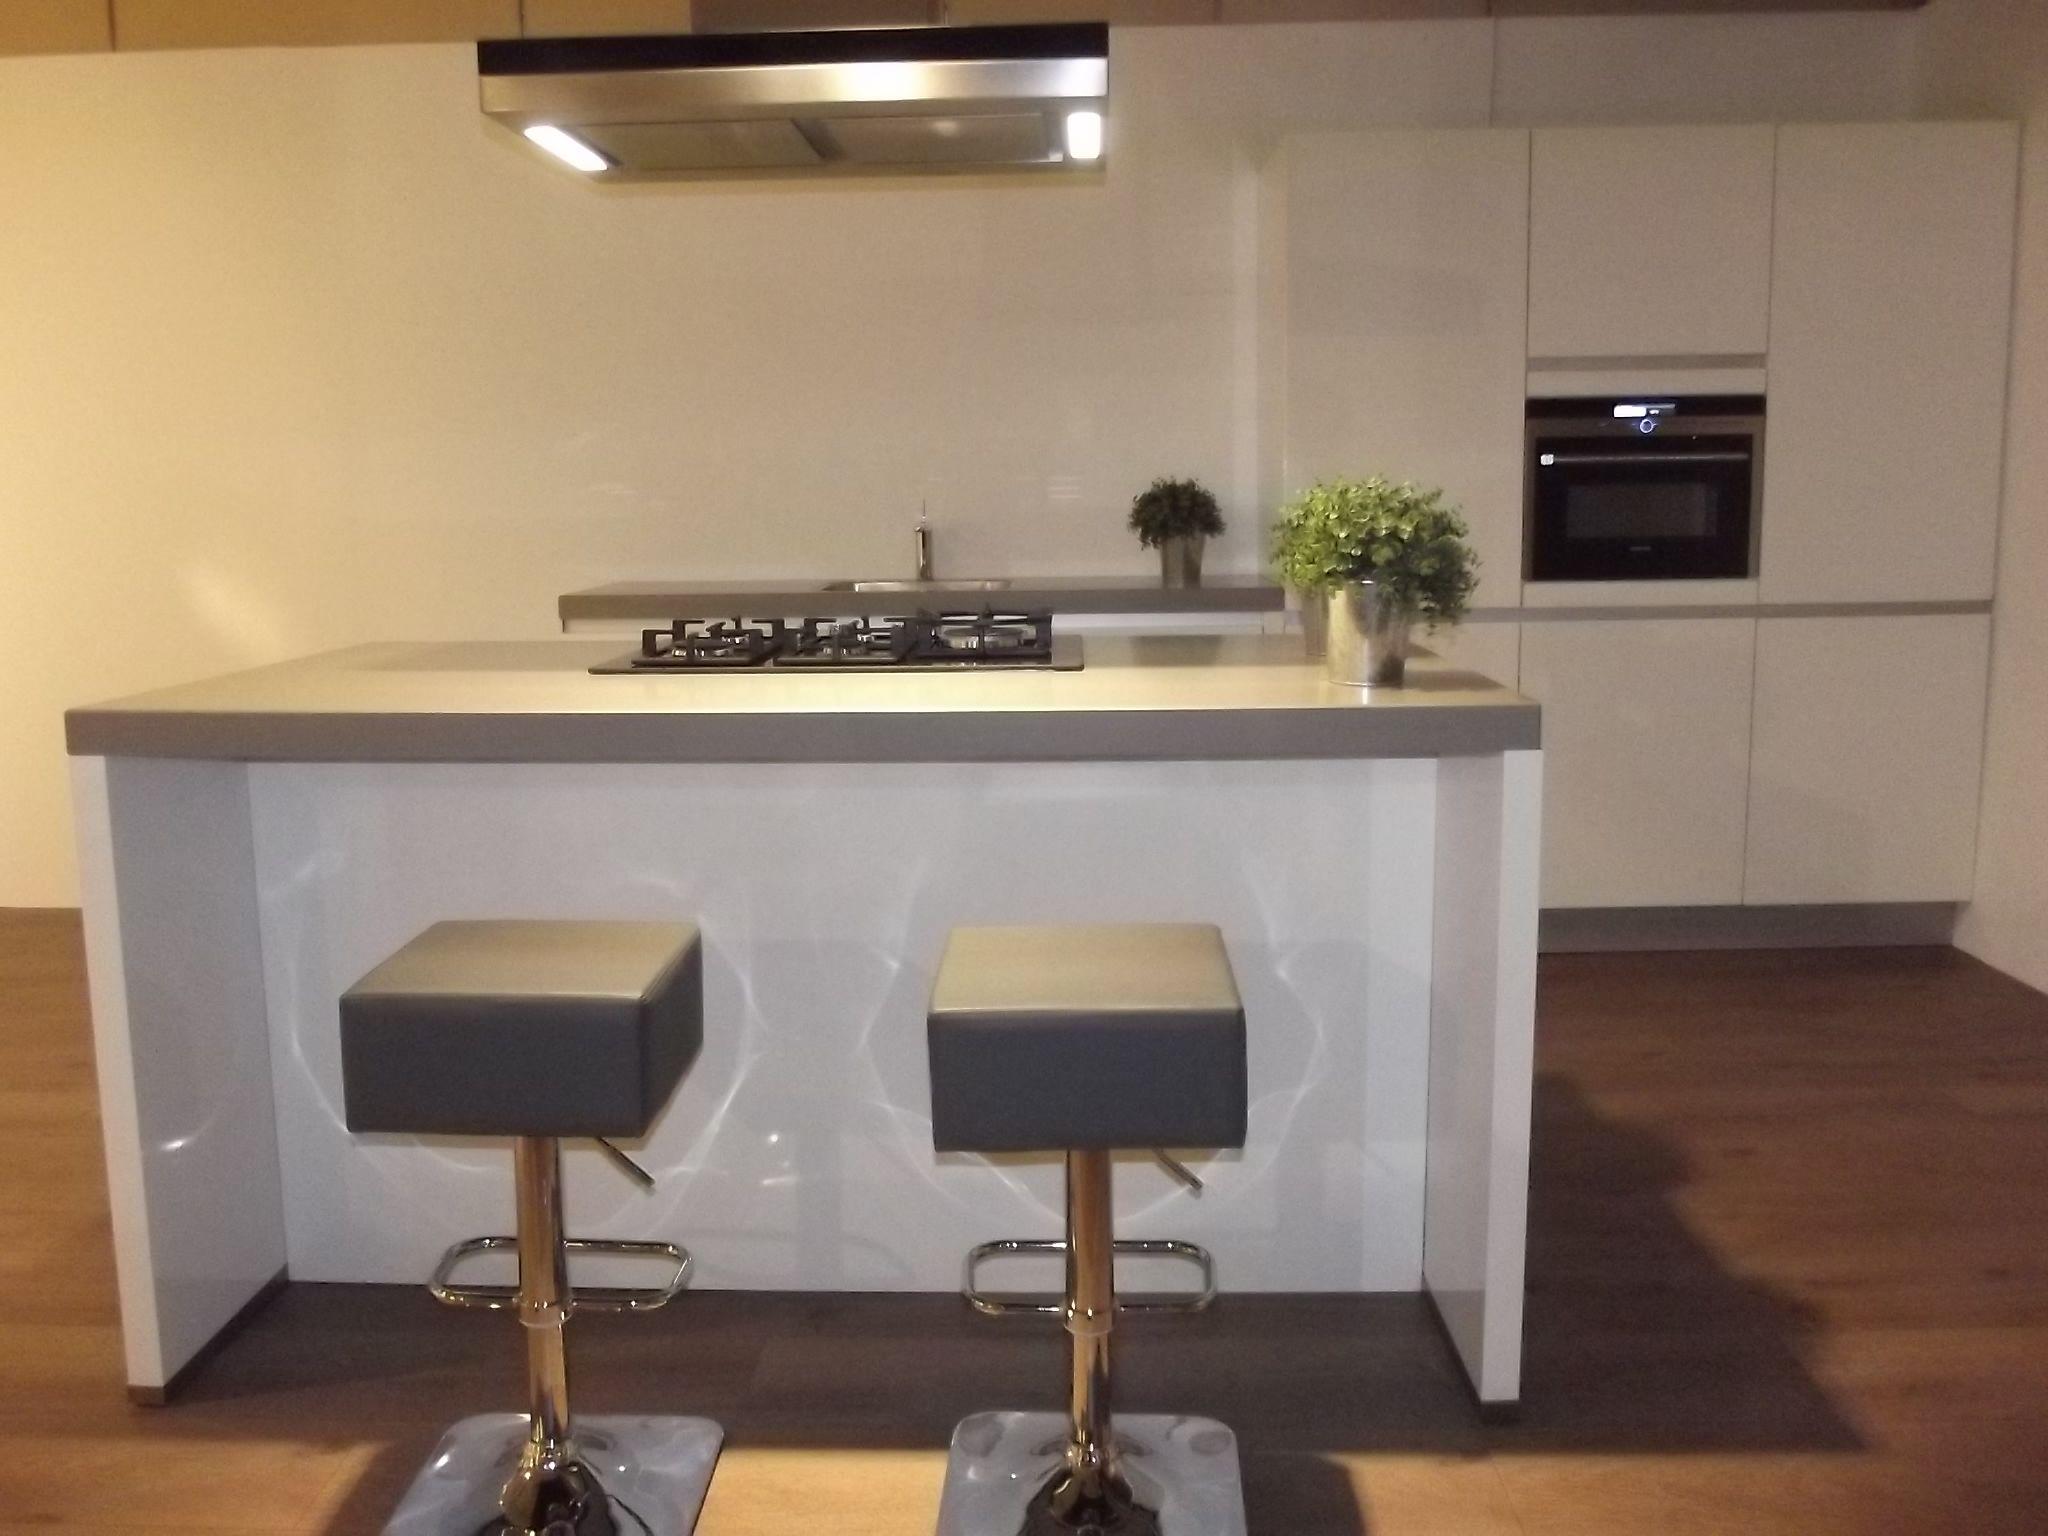 Keukens siemens siematic keuken bekijk alle keukens in de showroom van nederland keuken lucida - Centrum eiland keuken ...